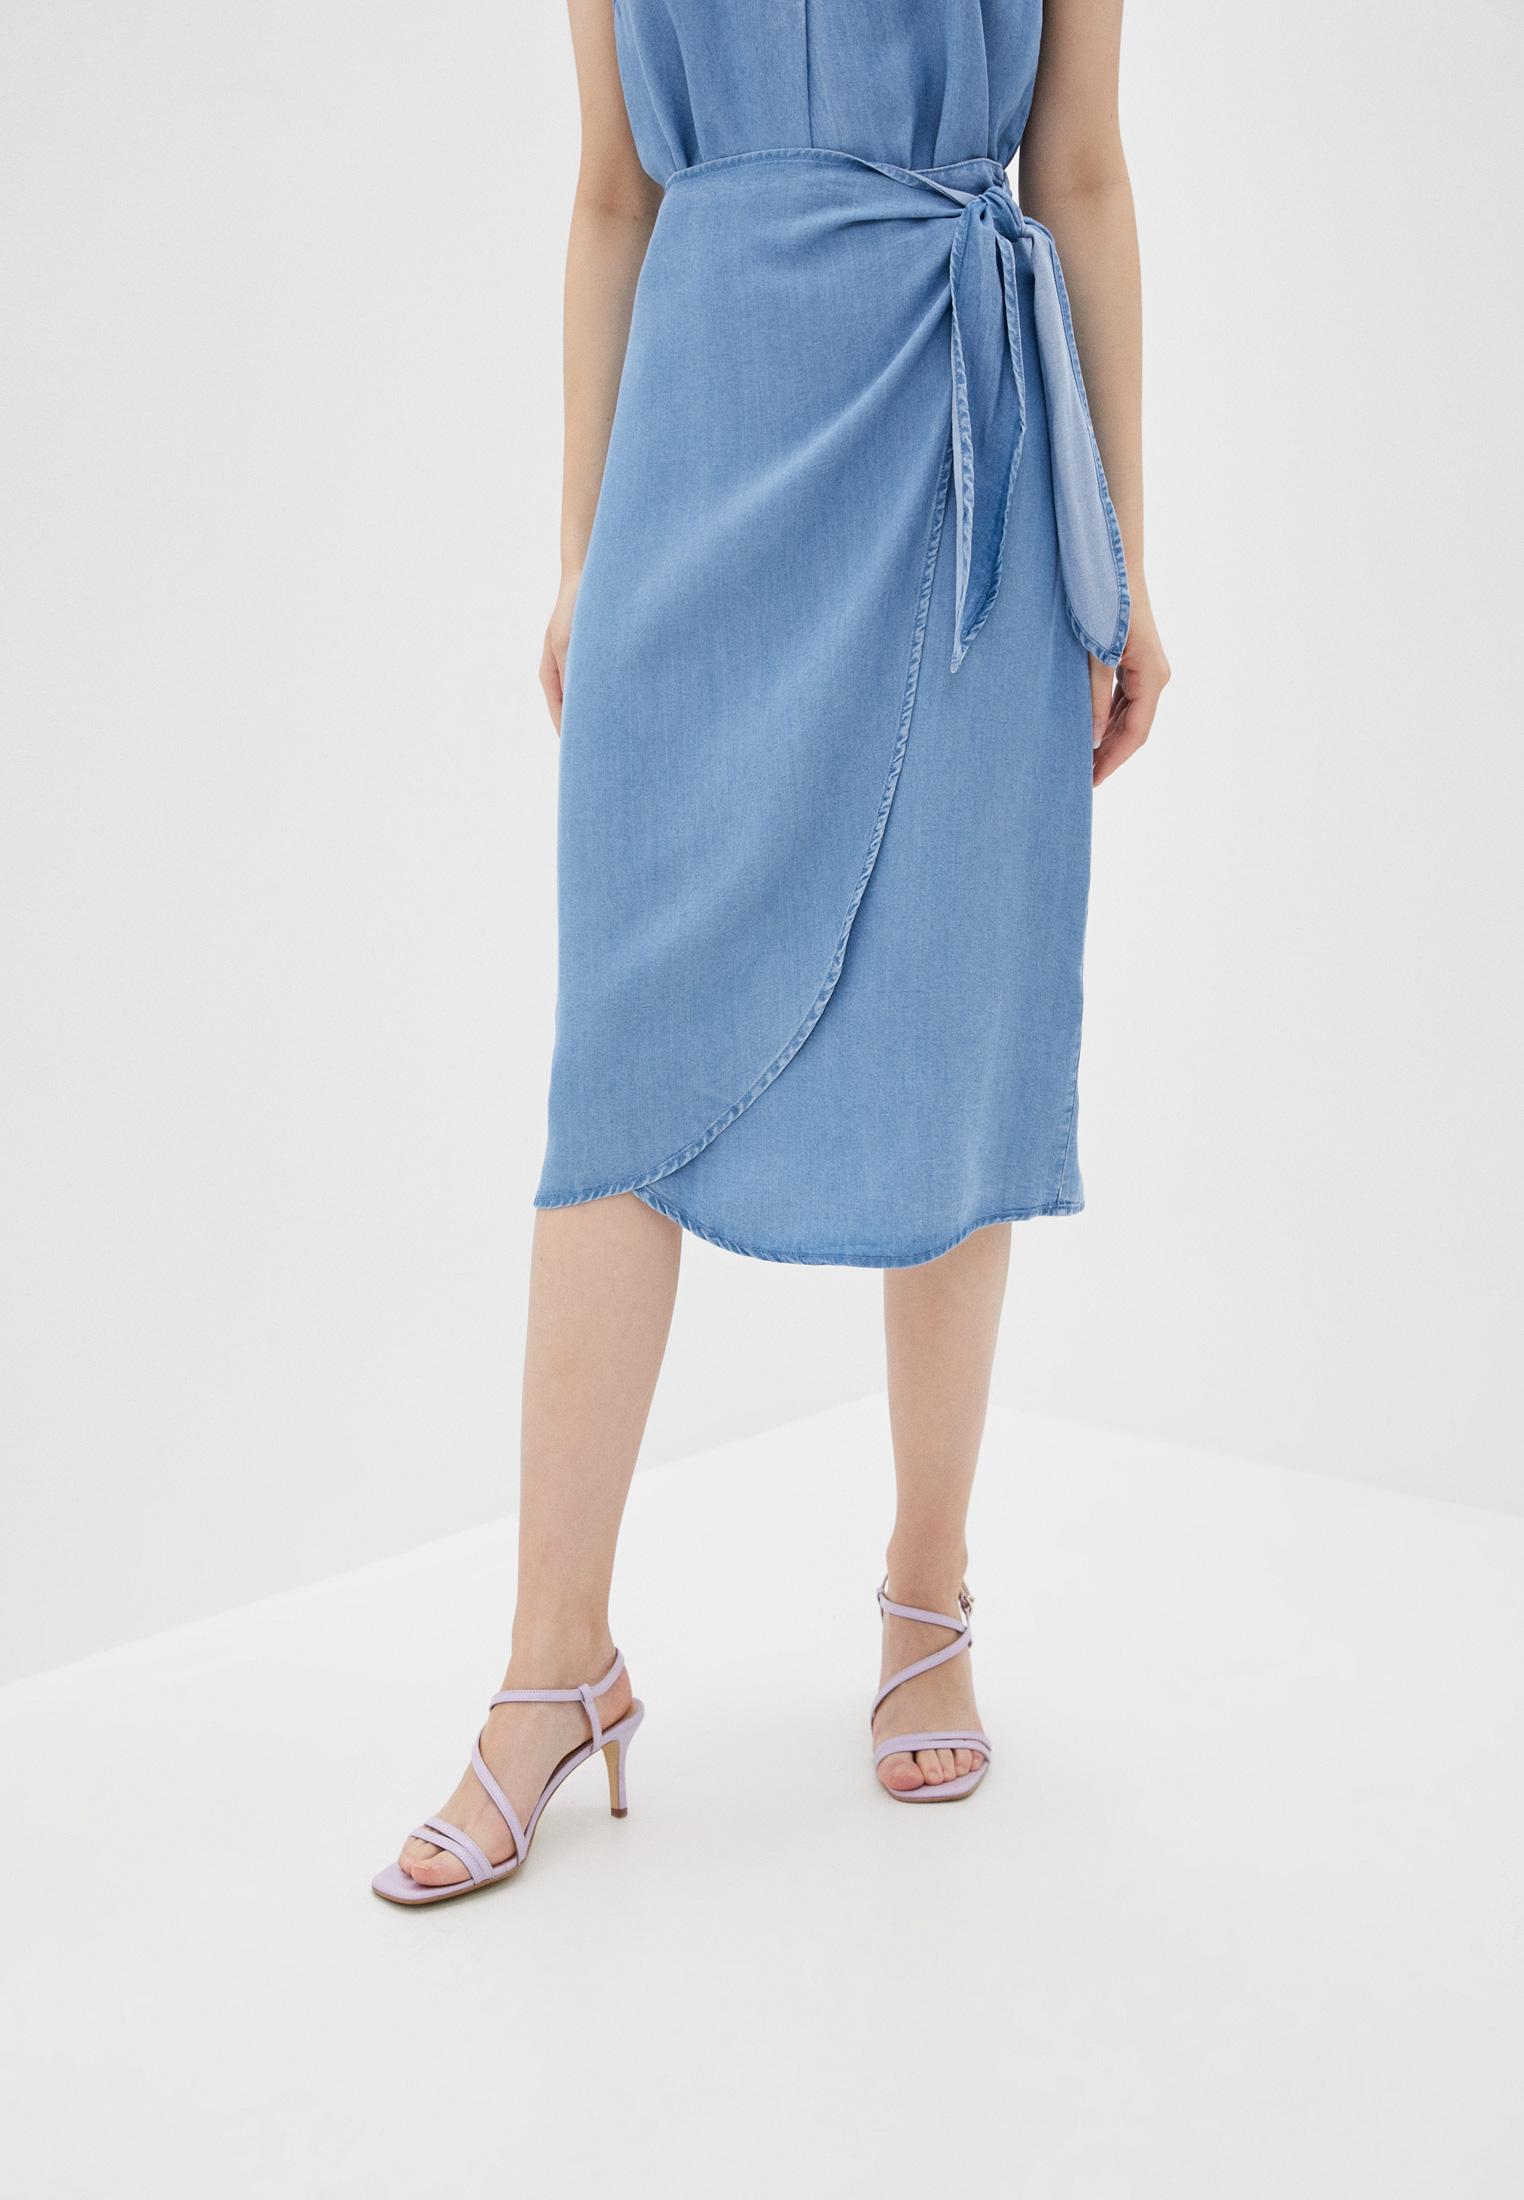 Джинсовая юбка Vero Moda 10225396